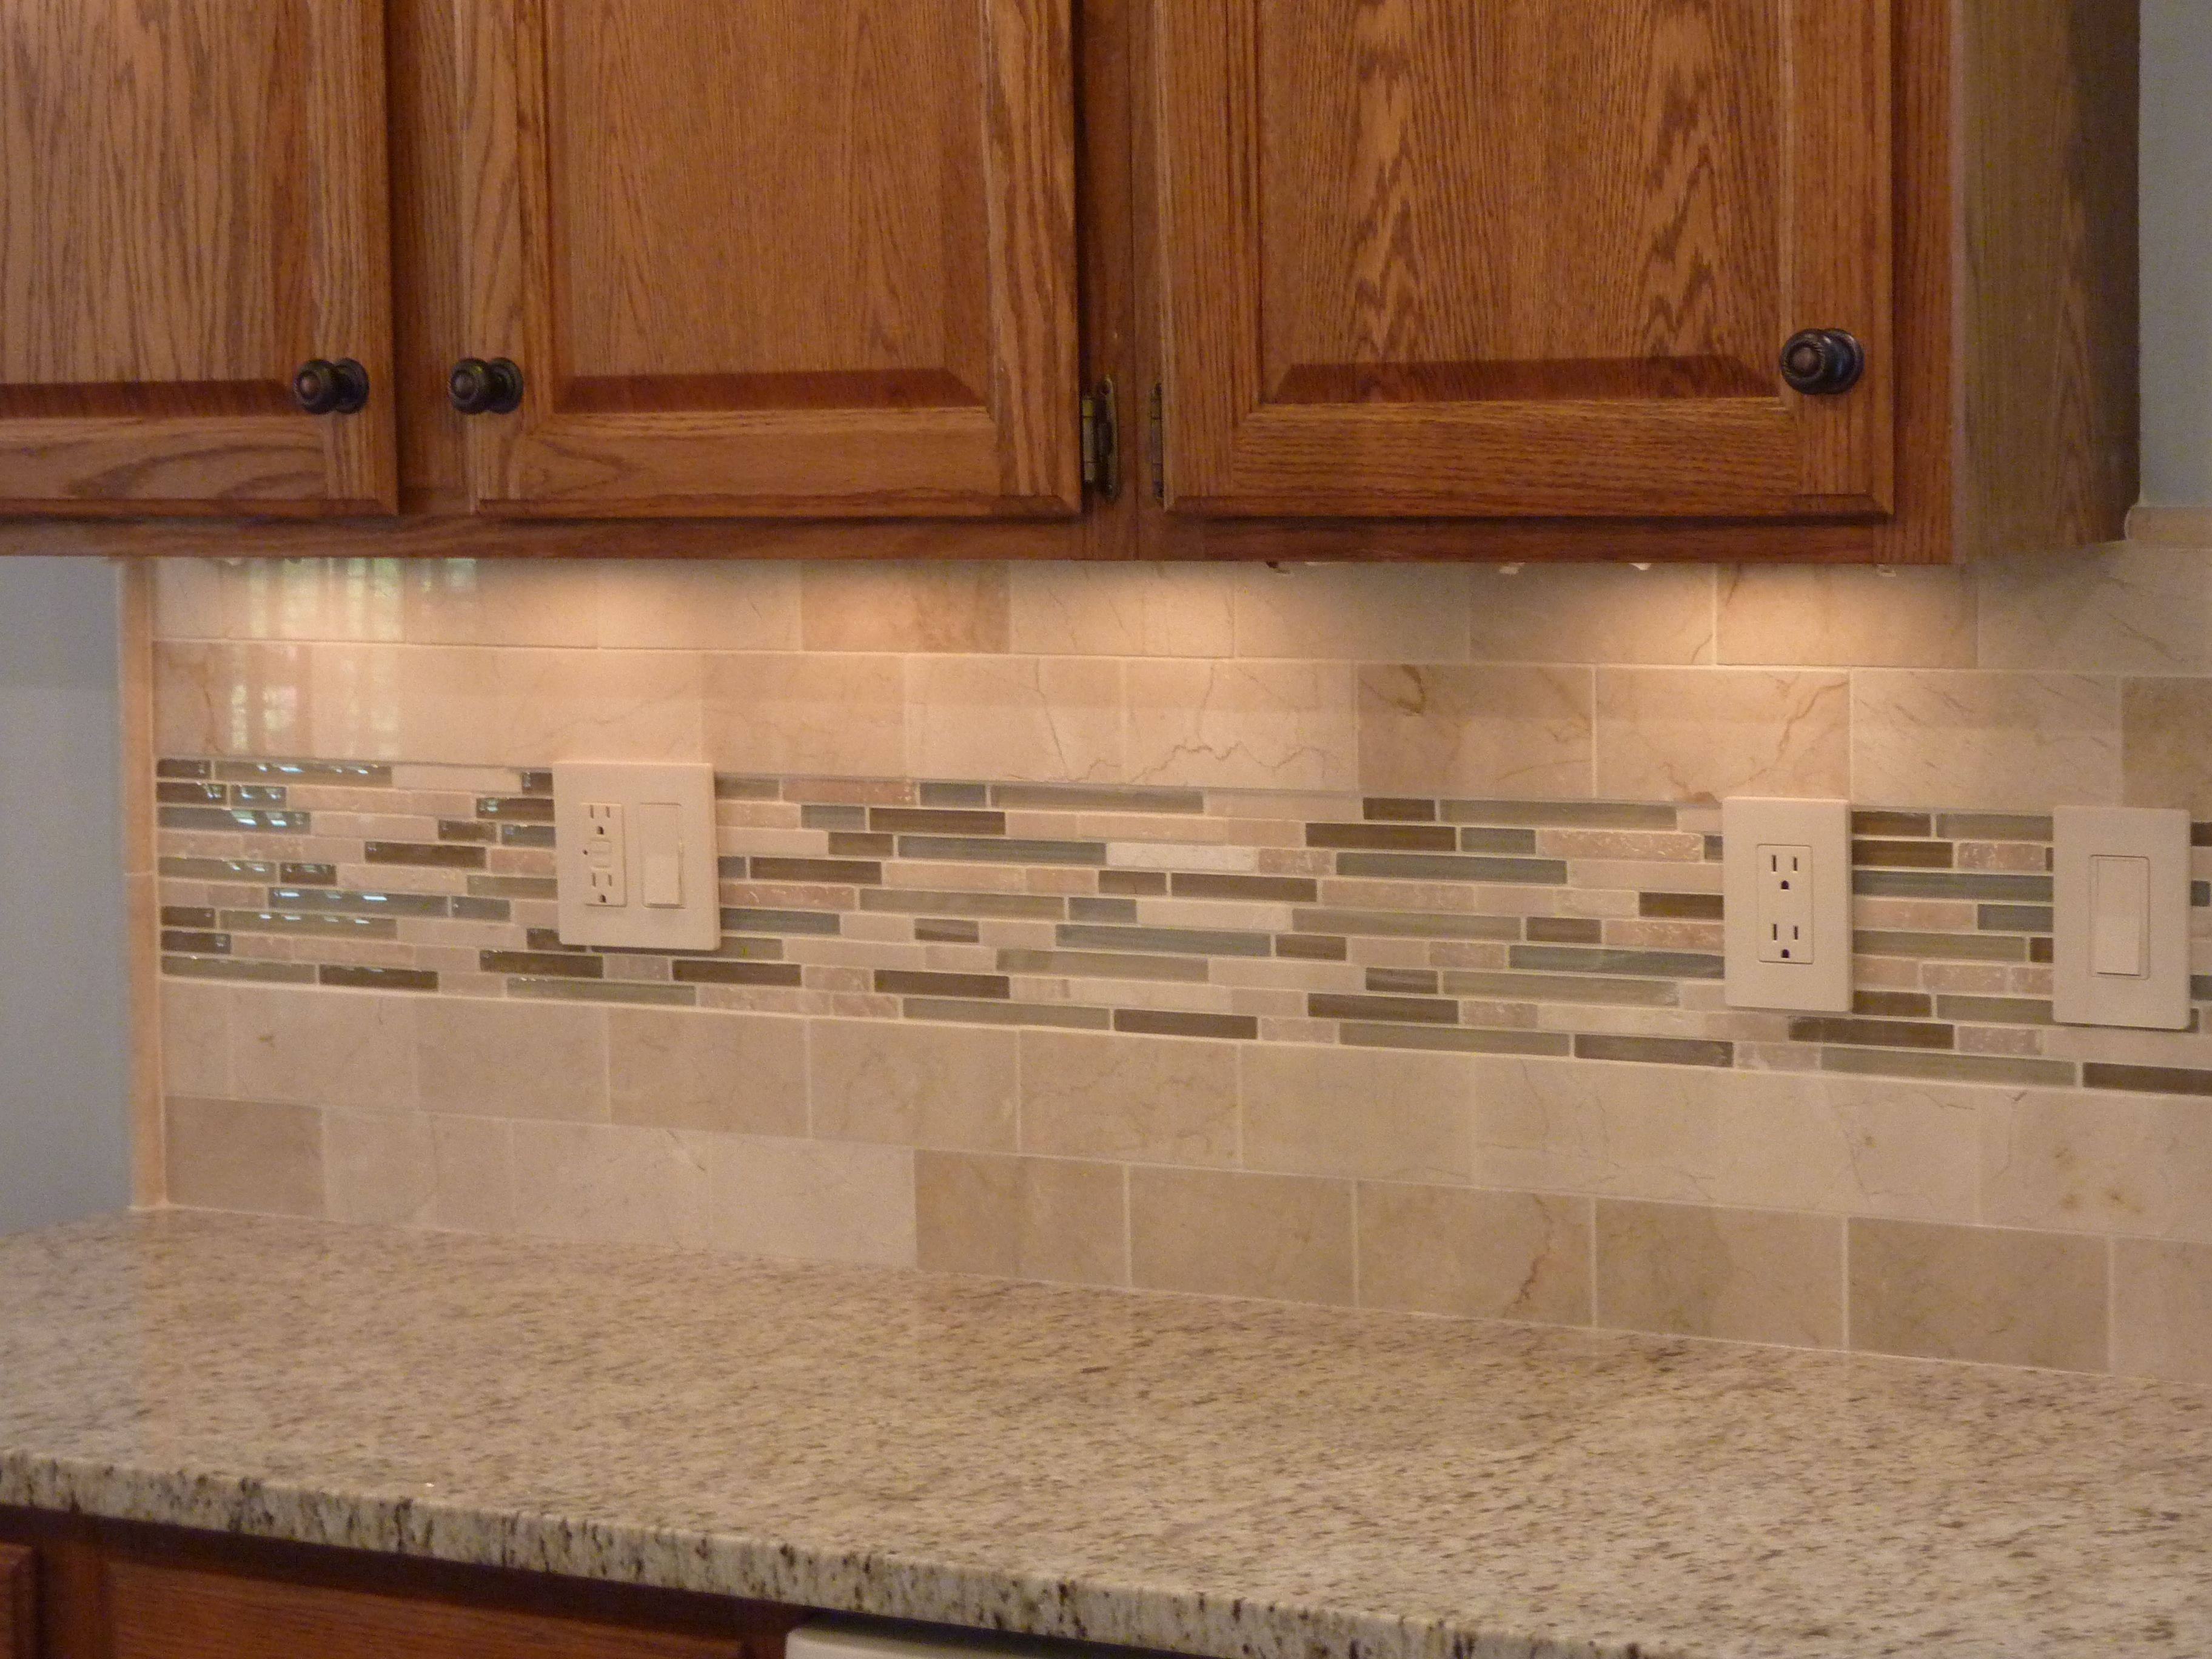 Kitchen Backsplash Ideas Tile Backsplash Ideas Kitchen Tile Backsplash Ideas For Kitchen Idea Kuche Beige Kuchenfliesen Und Kuchendesign